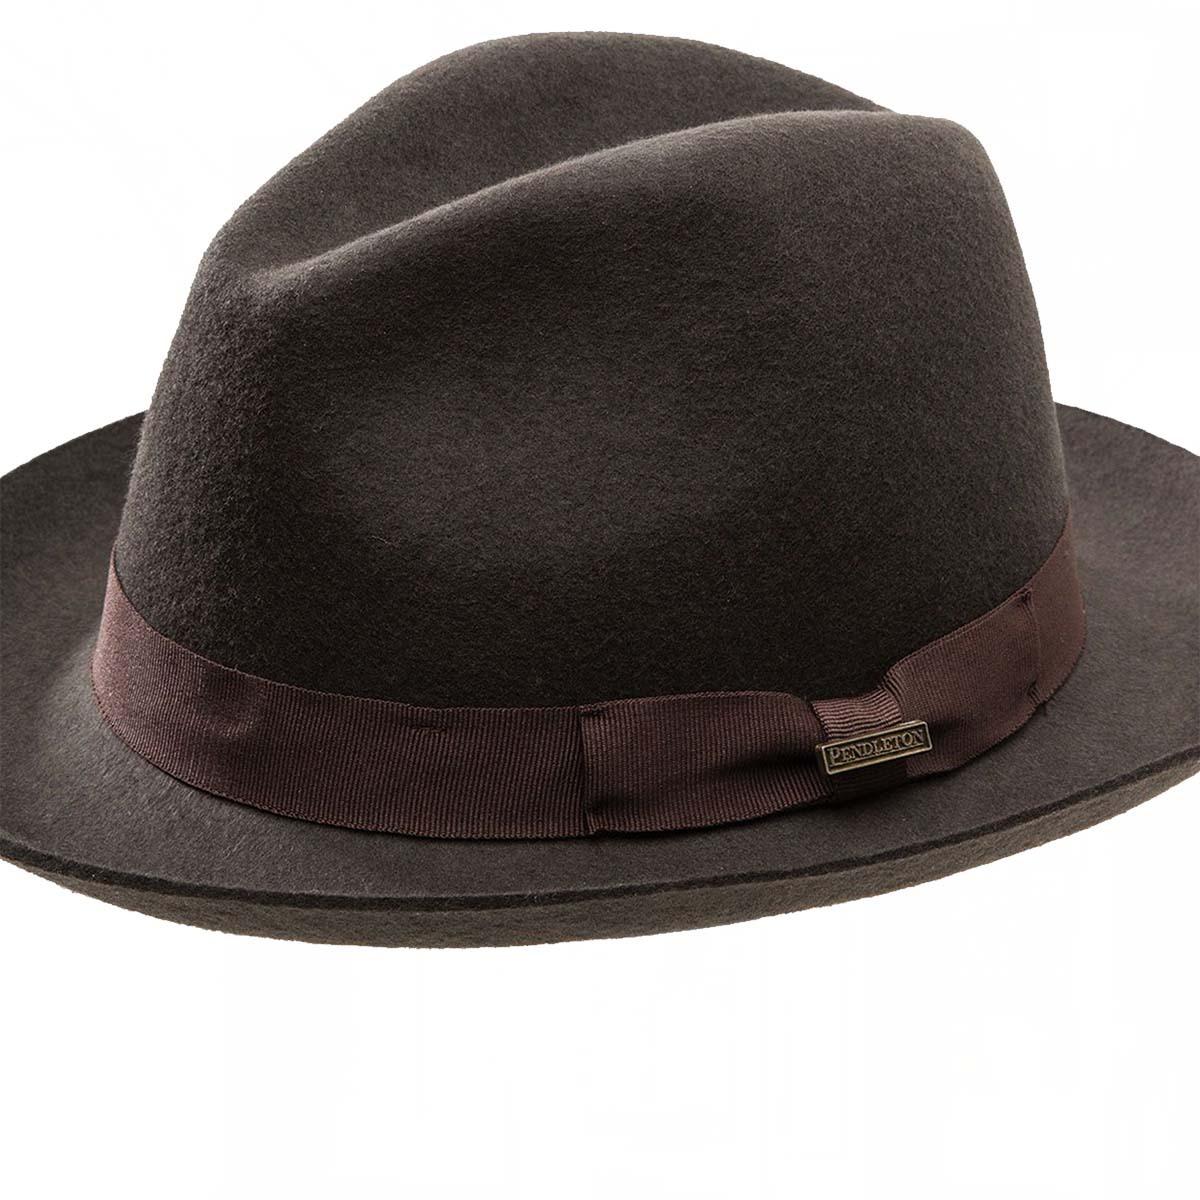 画像2: ペンドルトン クラシック フェドラ ハット(チョコレートブラウン)/Pendleton Classic Fedora Hat Chocolate Brown